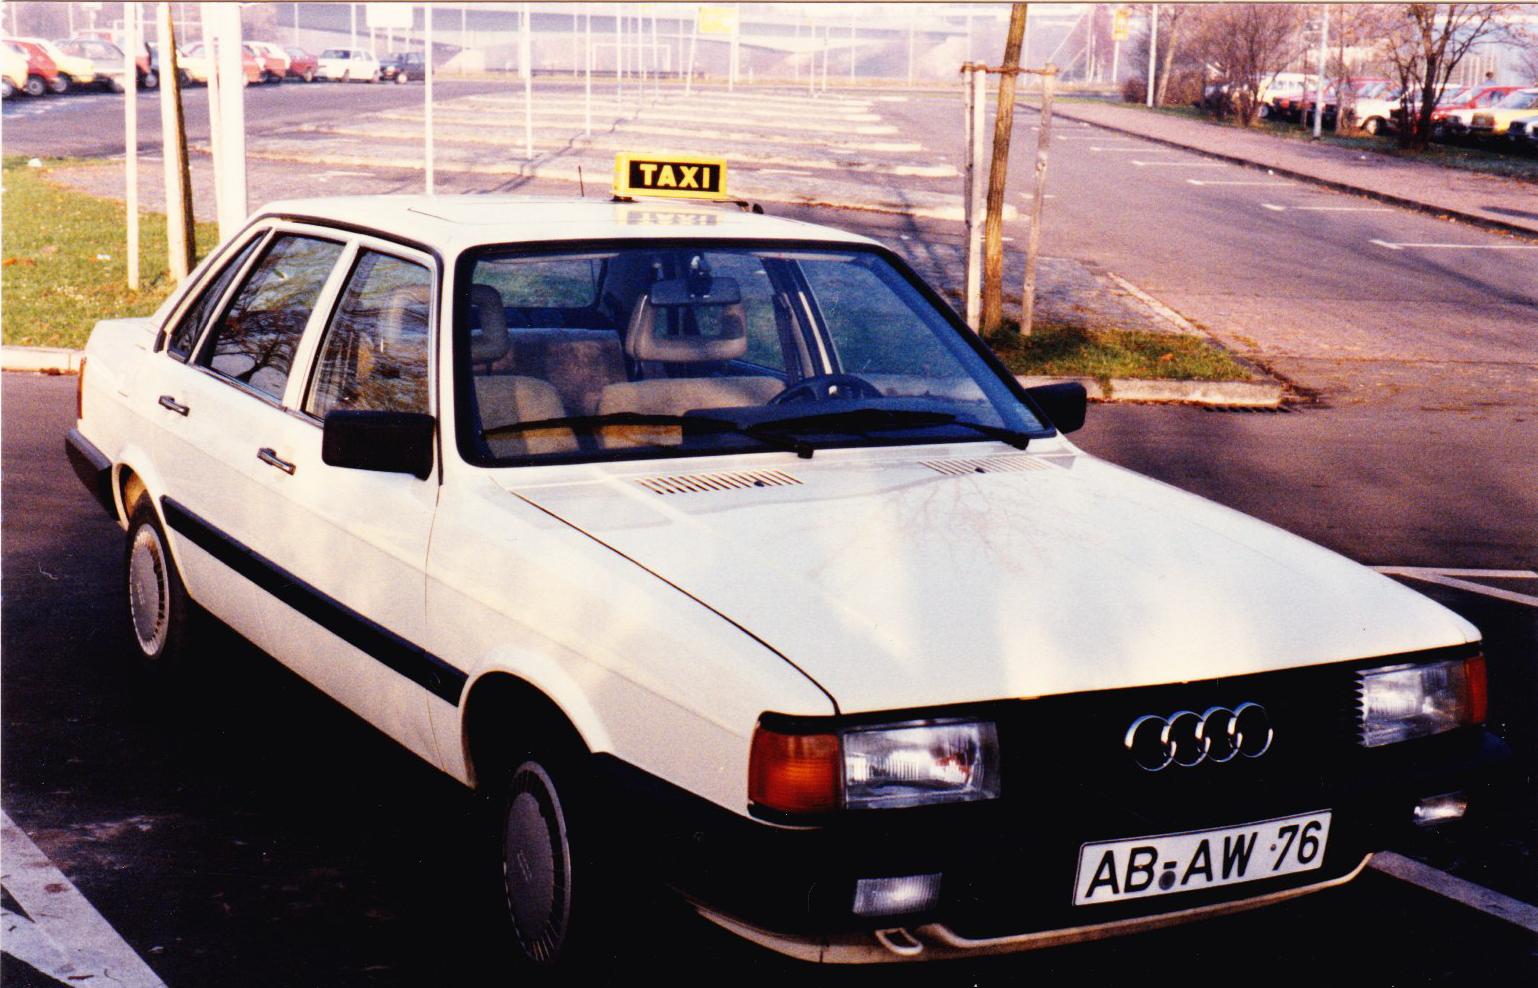 1986 - Die Gründung - 1986 wagte ich dann den Schritt in die Selbstständigkeit und gründete das Unternehmen Taxi Müller. Damit wurde ich der jüngste Taxiunternehmer Aschaffenburgs.Mein erstes eigenes Auto war ein Audi 80